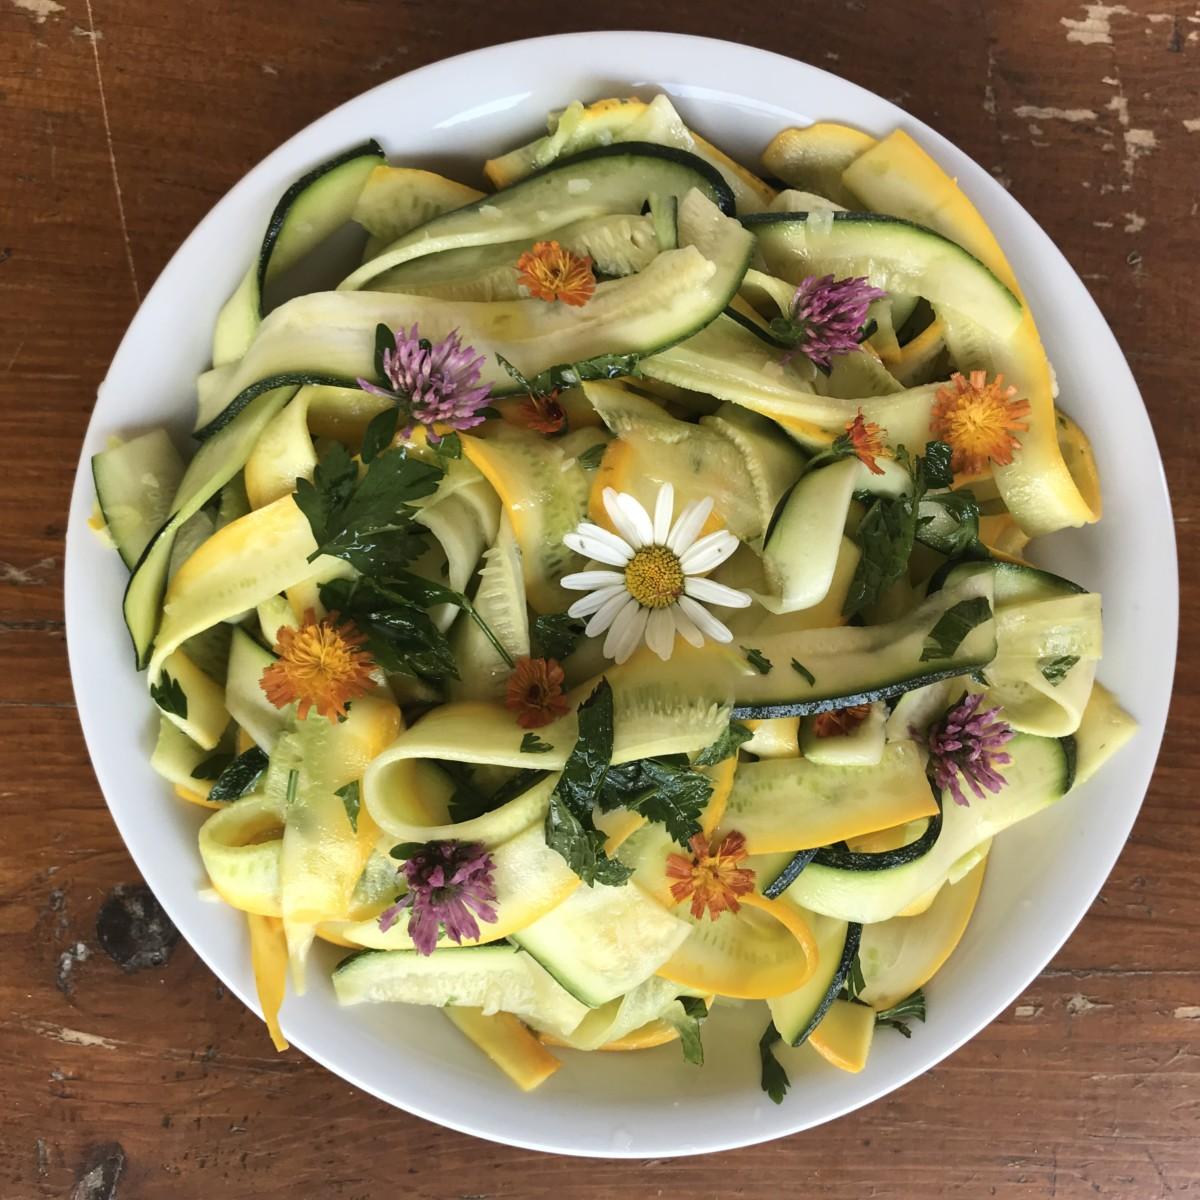 Tagliatelles de courgettes crues décorées avec des fleurs